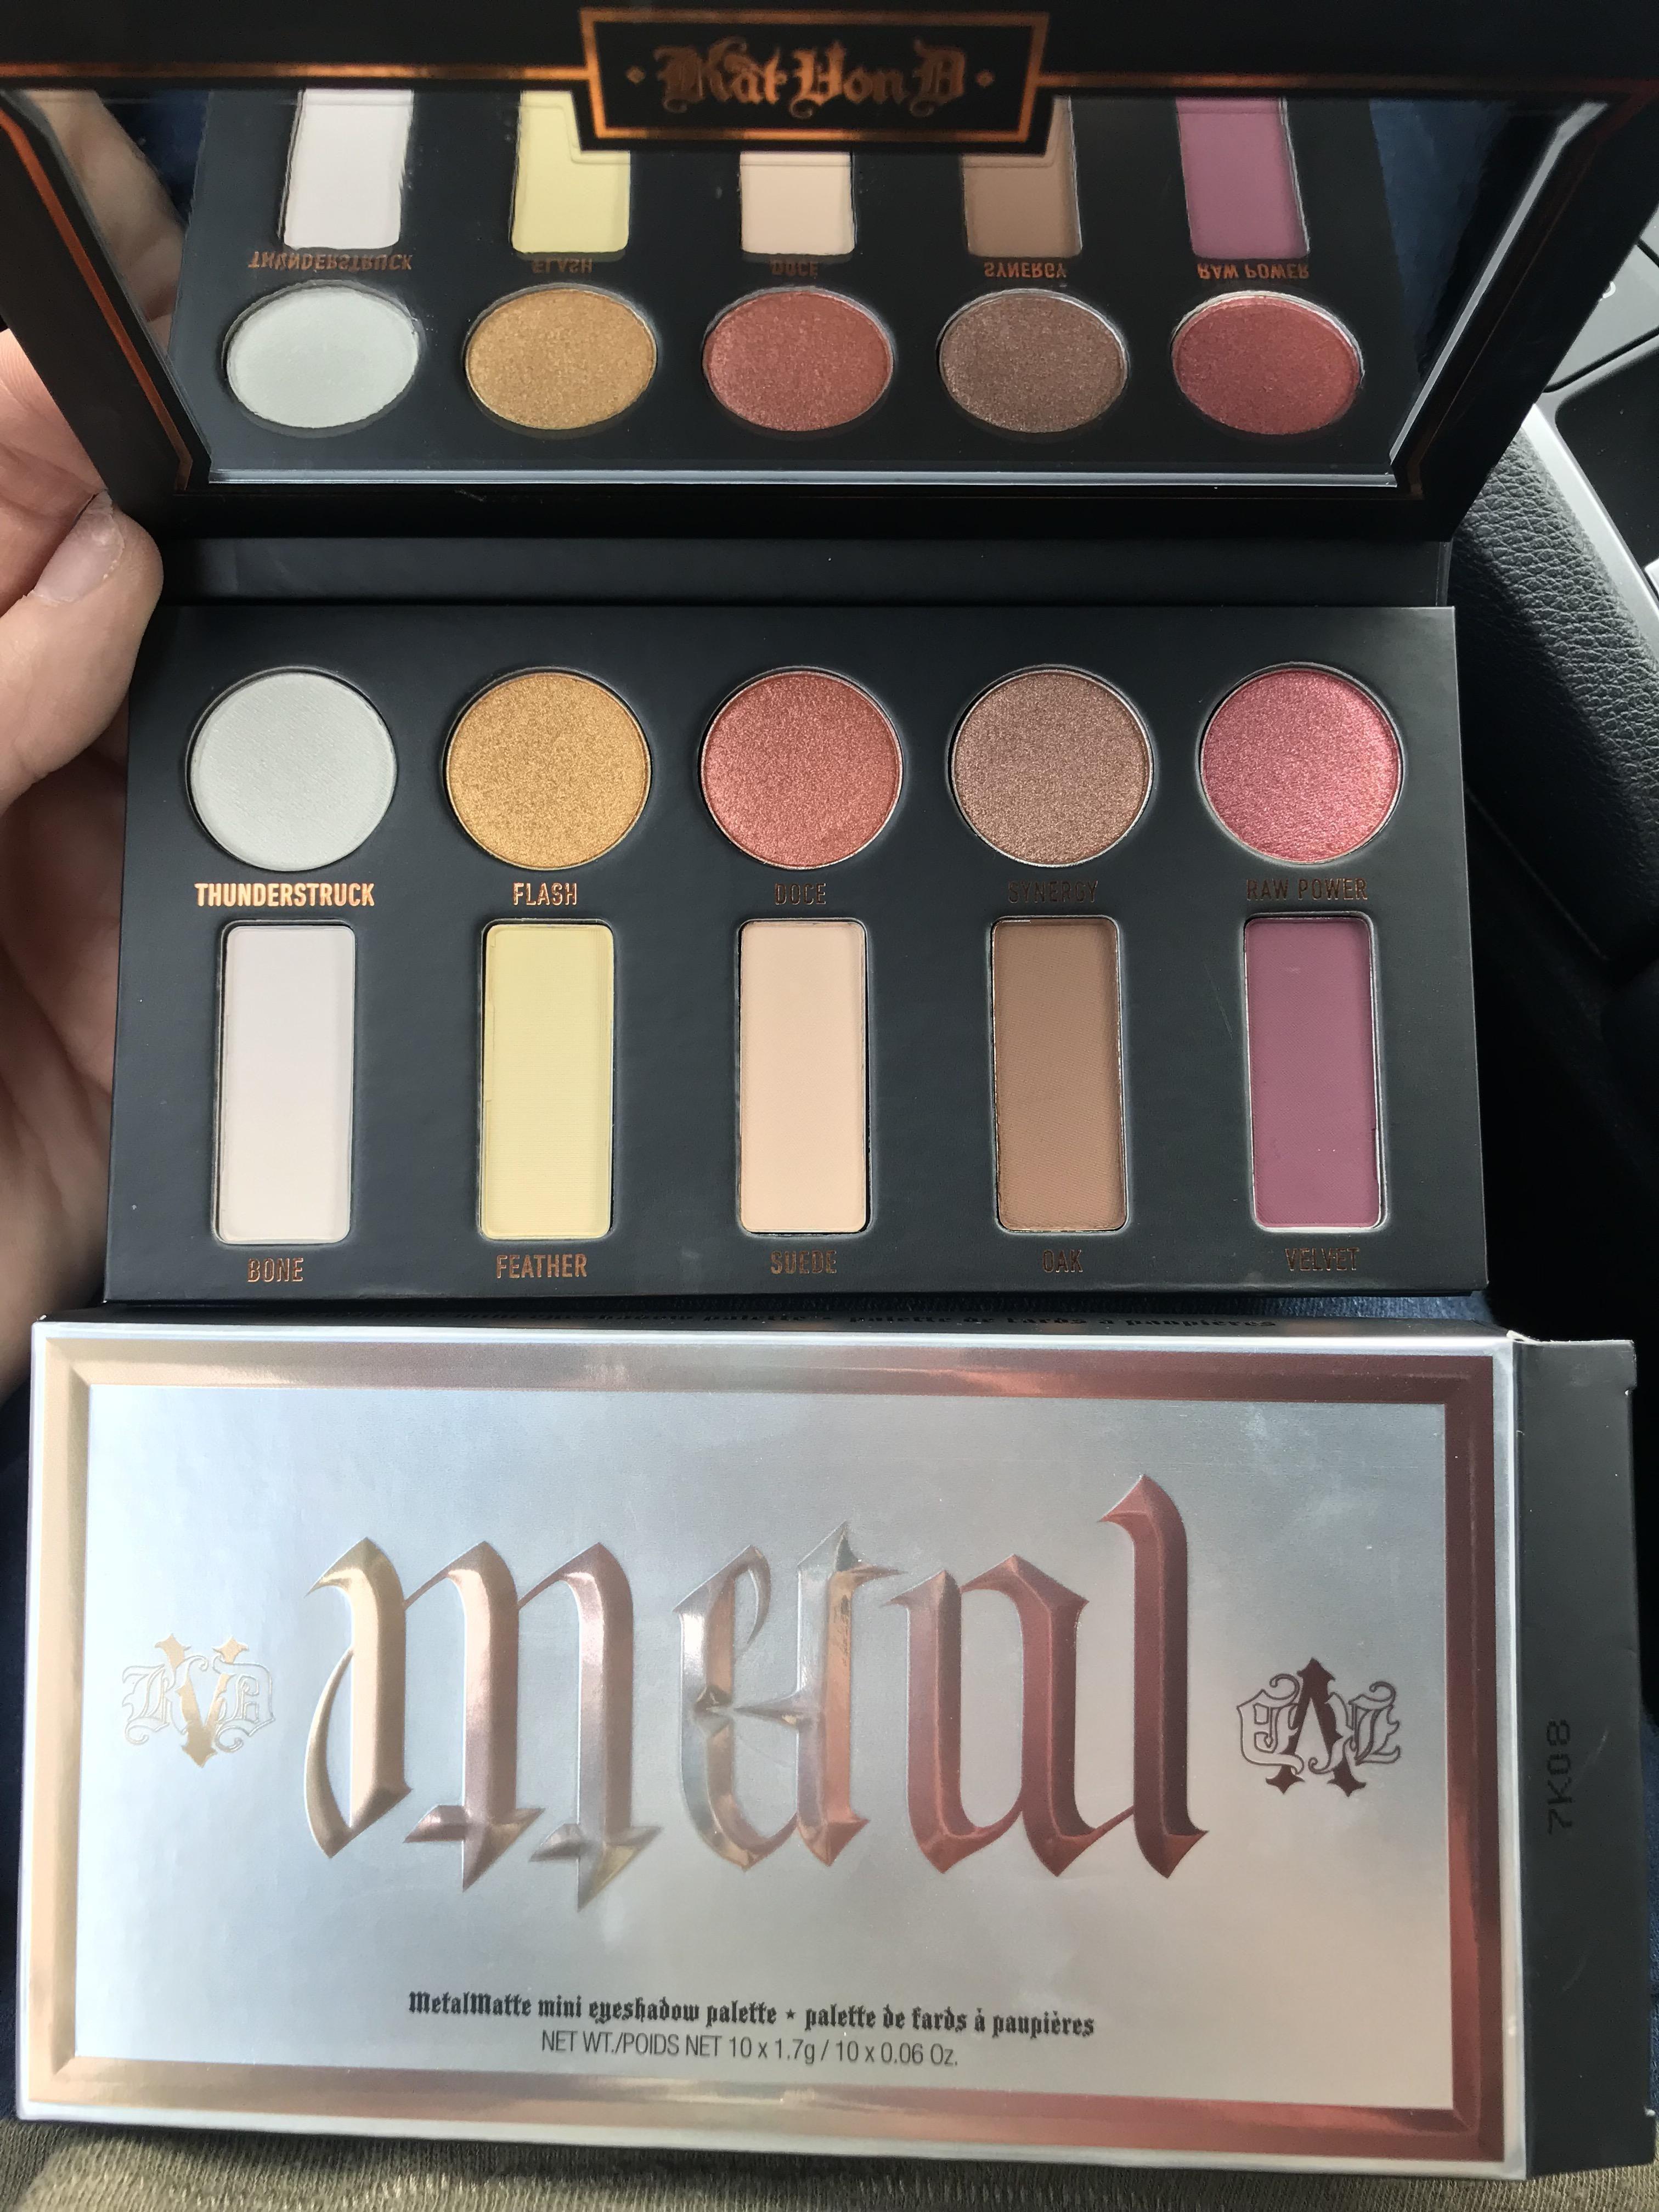 Kat Von D Metal Matte Mini Palette (With images) Makeup